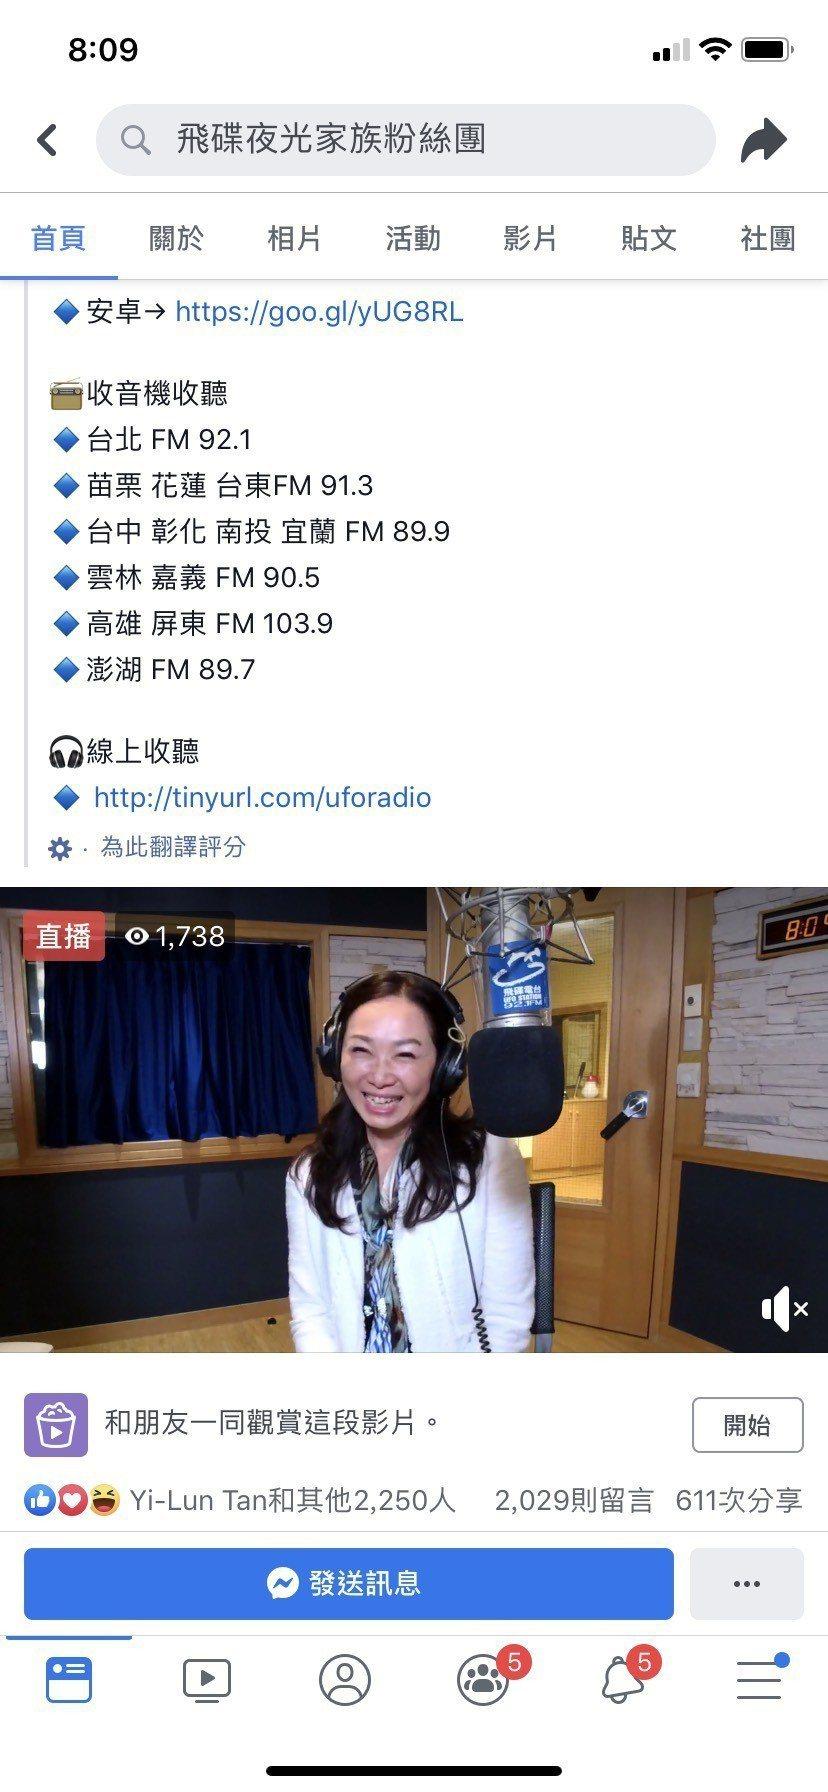 韓國瑜的太太李佳芬今晚接受廣播人專訪,談到韓國瑜最近飽受市議員抨擊,韓心中自有一...